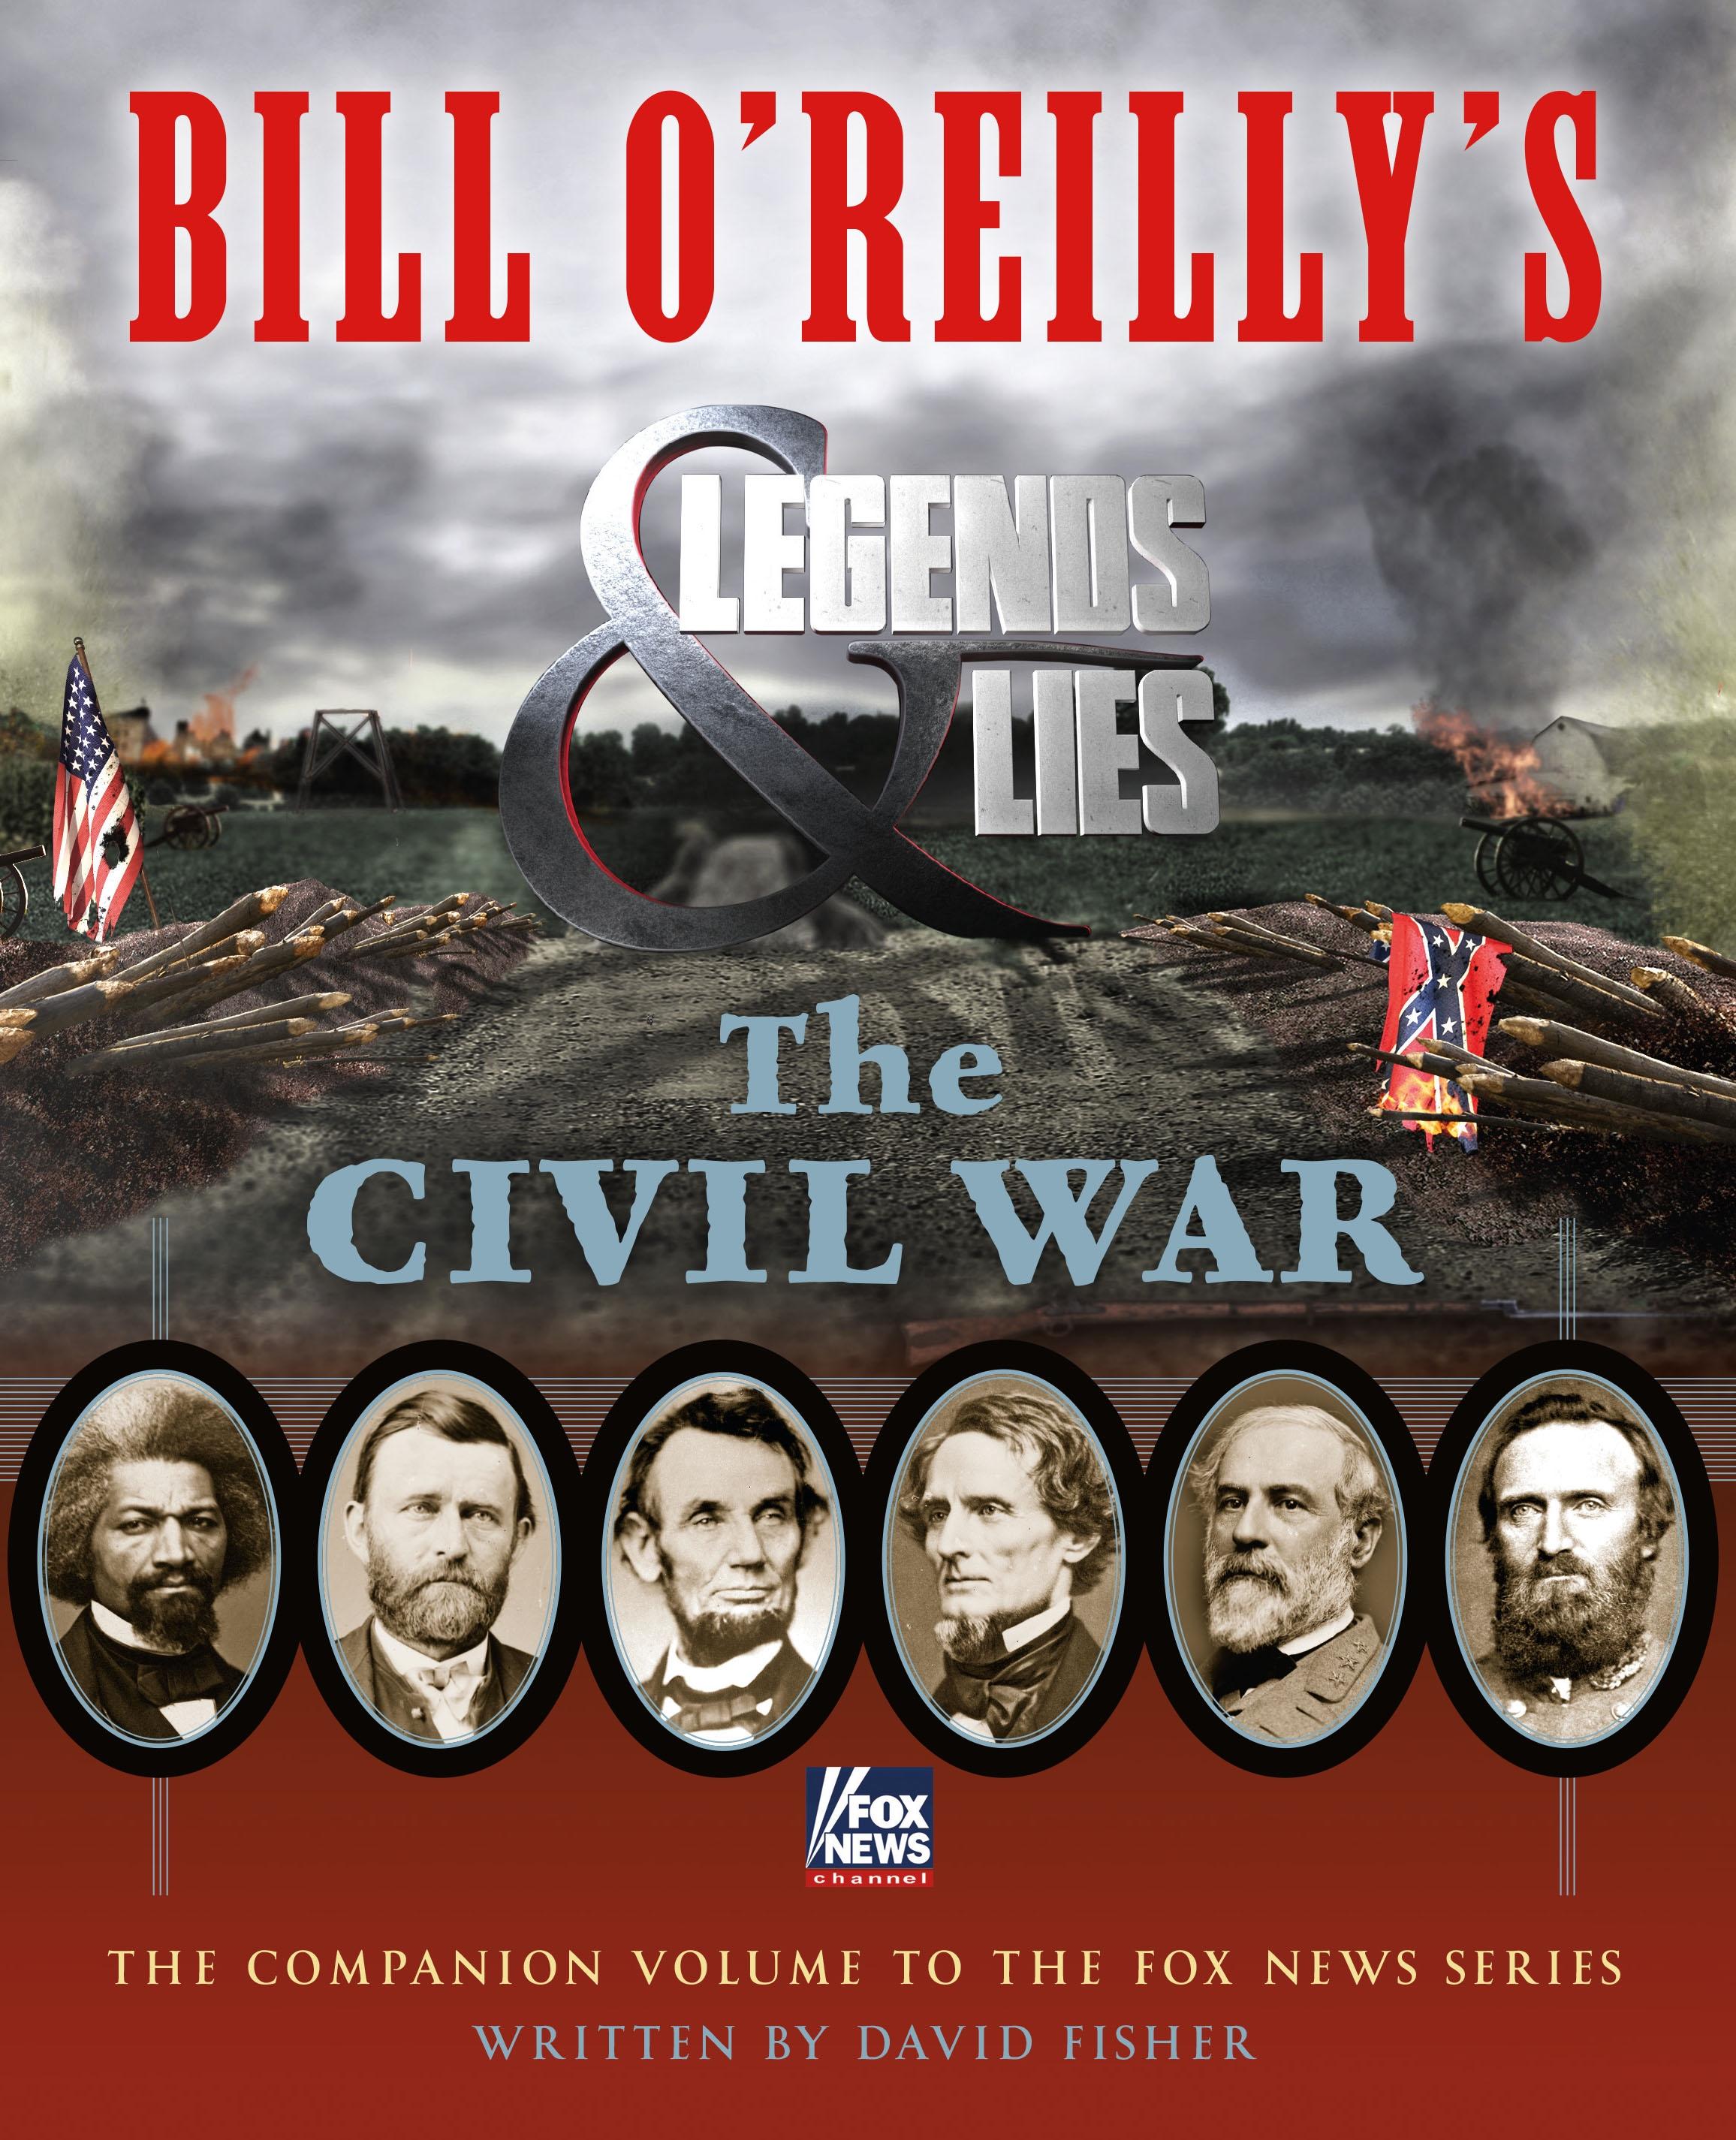 Bill O'Reilly's Legends and Lies [EBOOK] : The Civil War